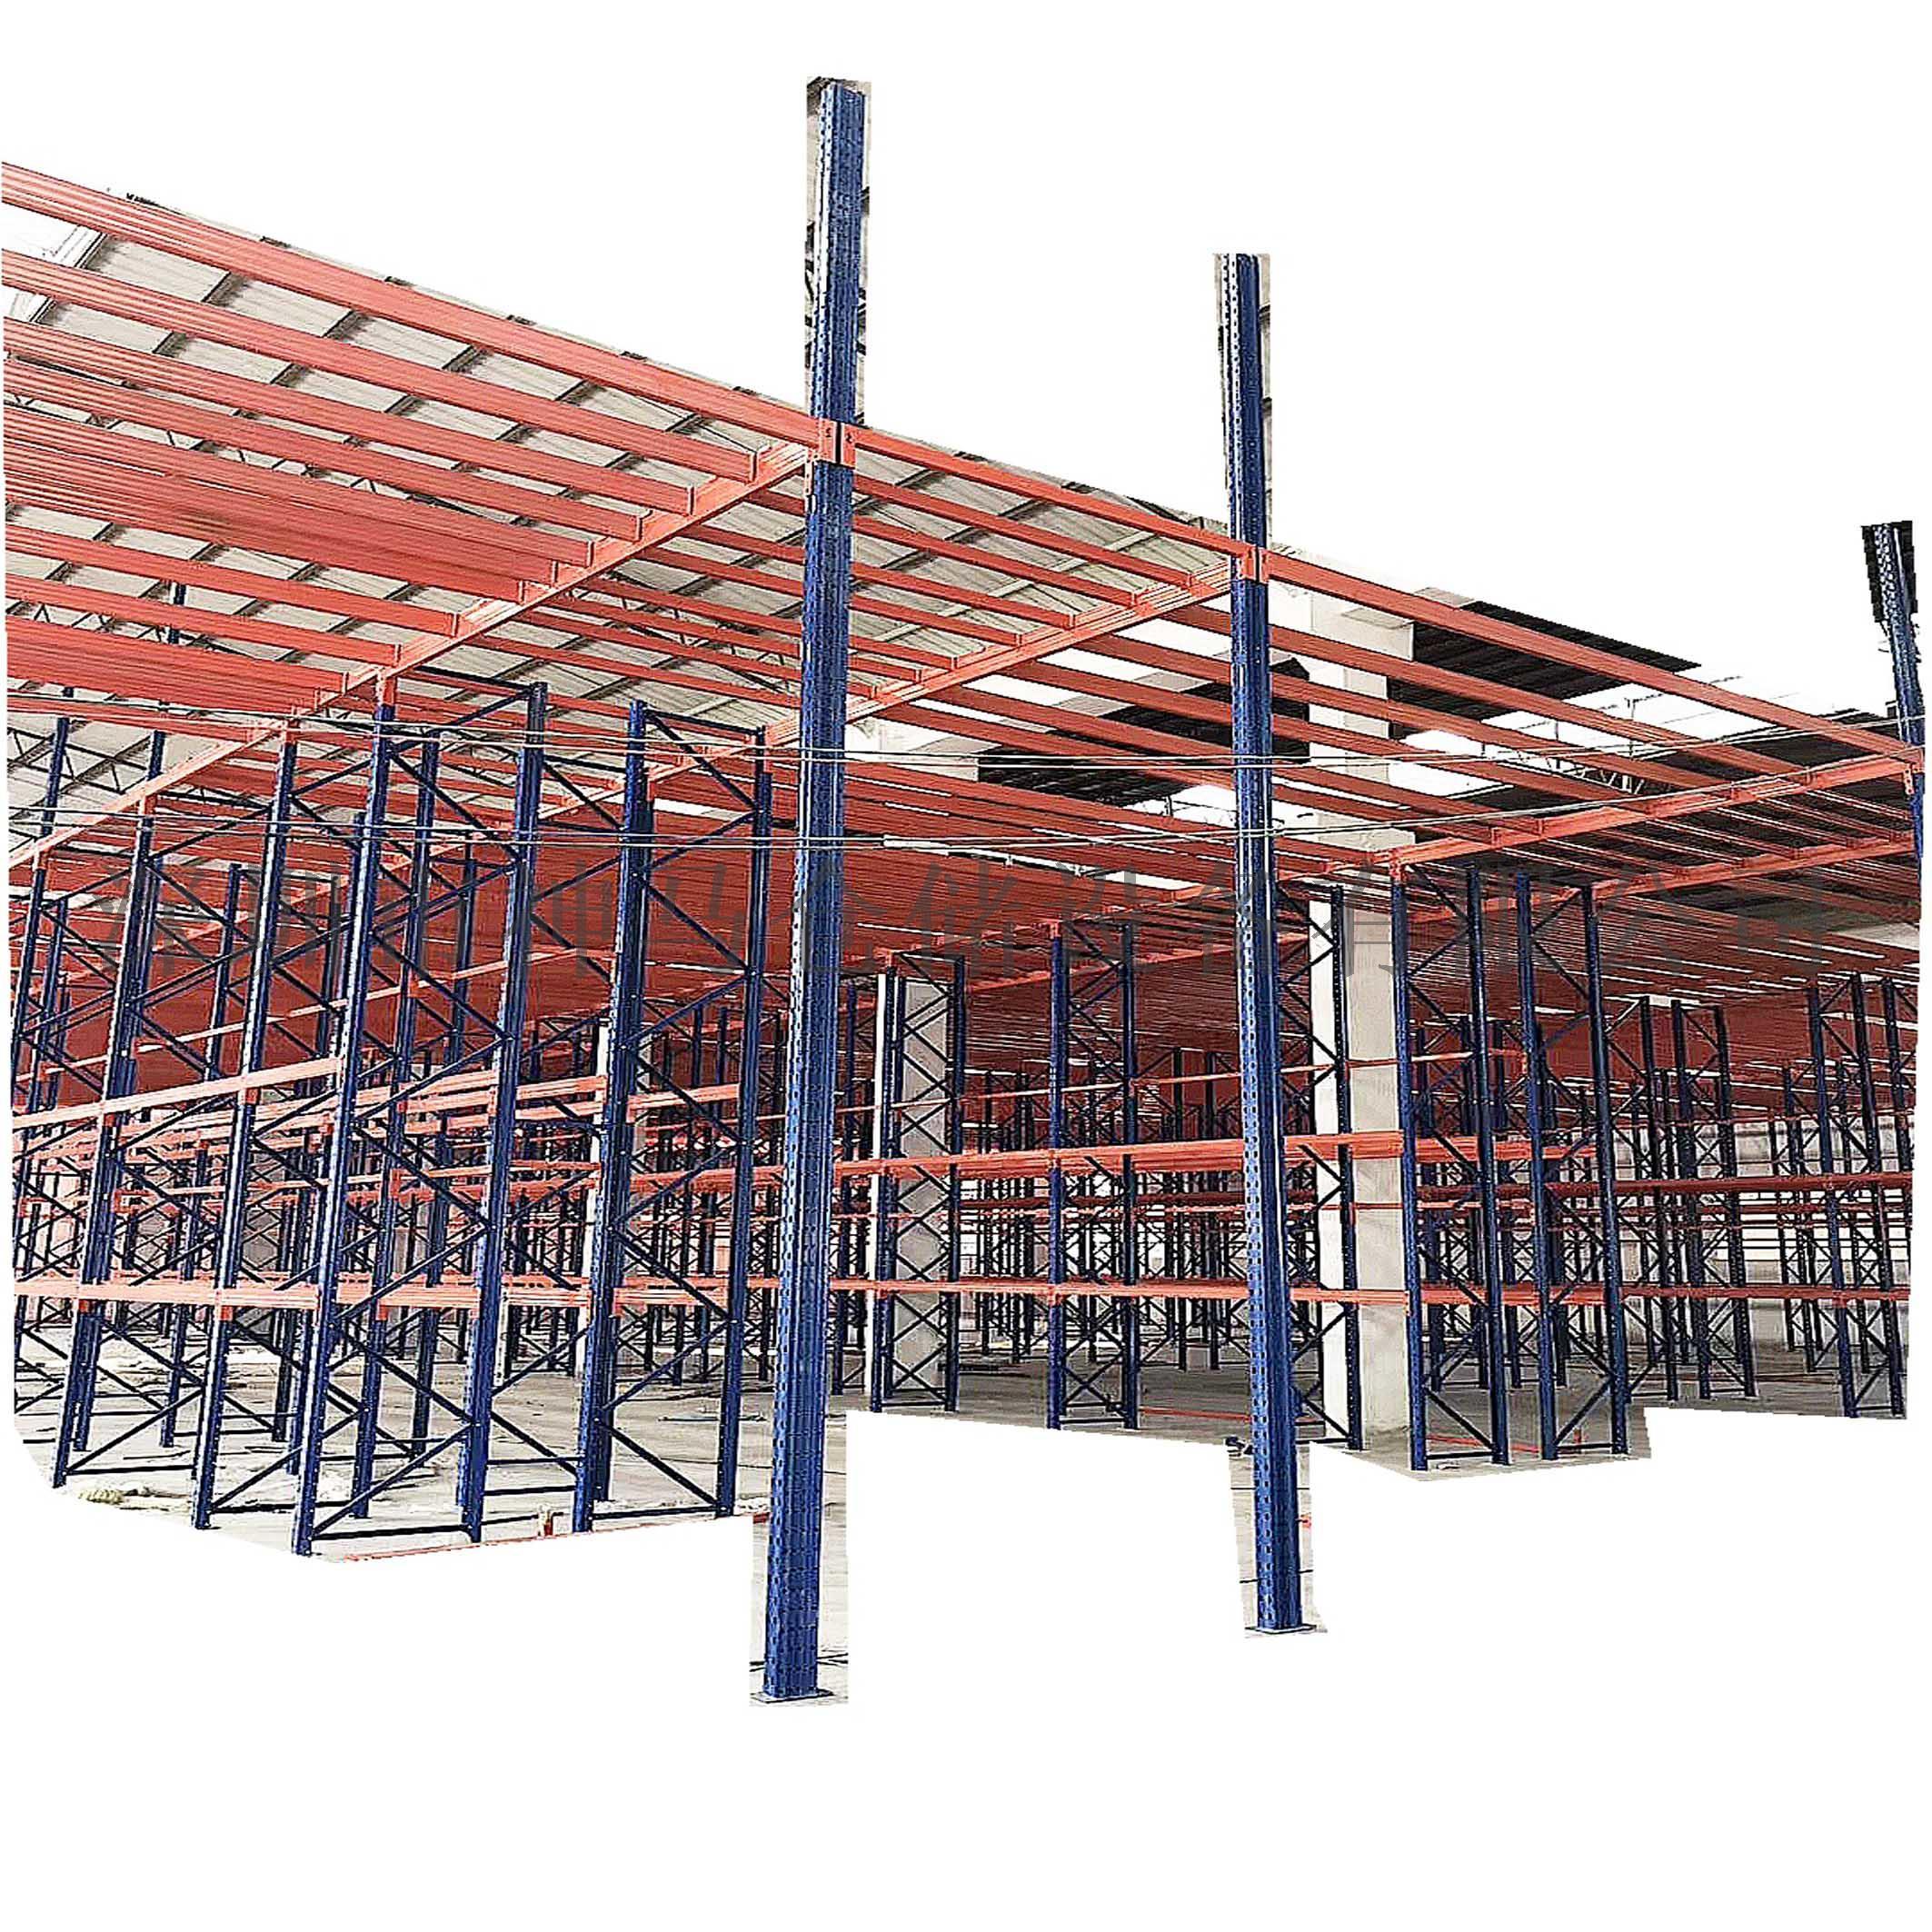 广州平台仓储货架厂,仓库平台设计,广东仓储平台货架941587475